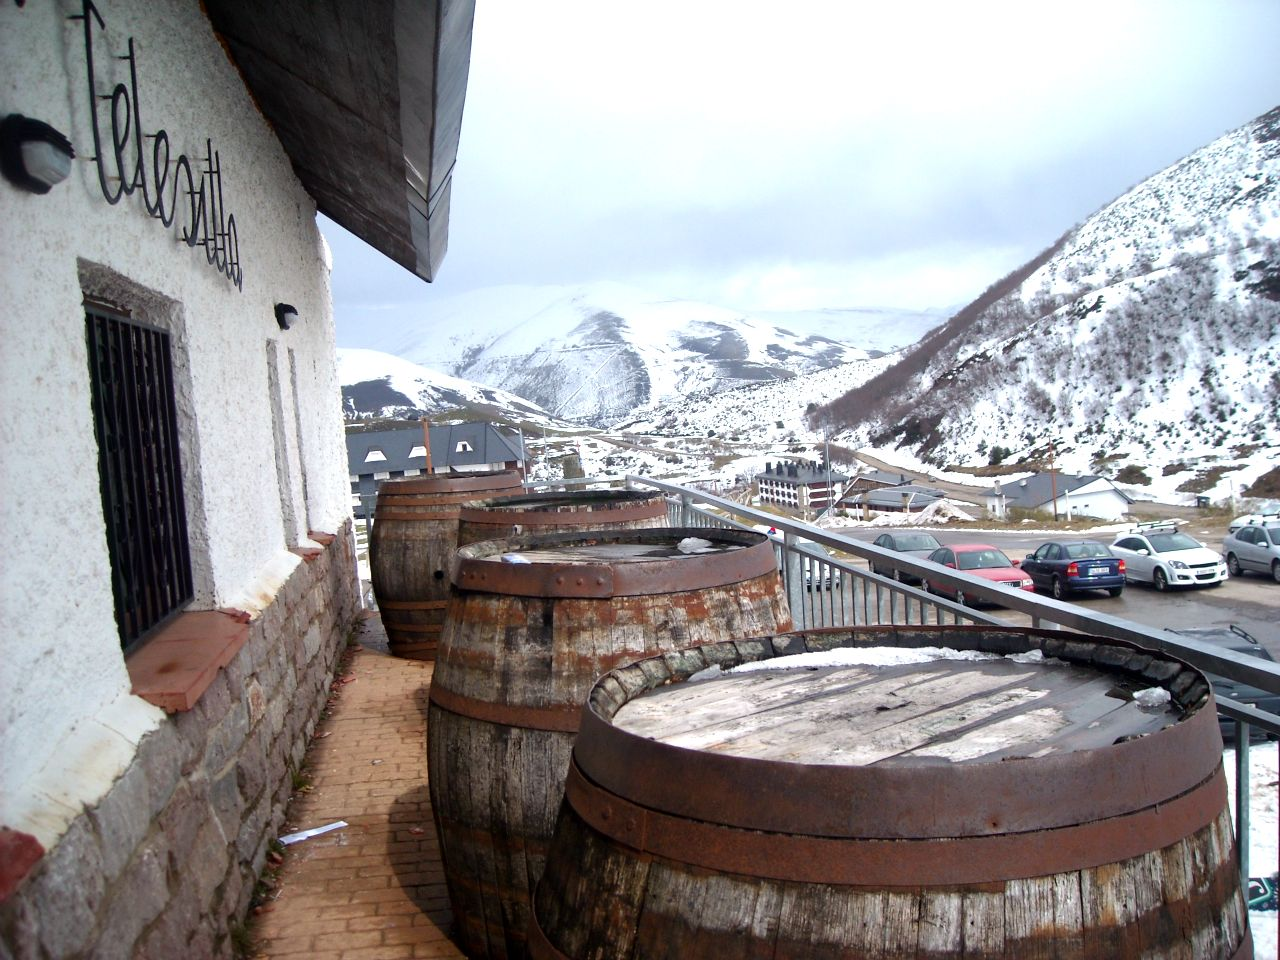 pajares nieve esquí montañas asturias invierno bar